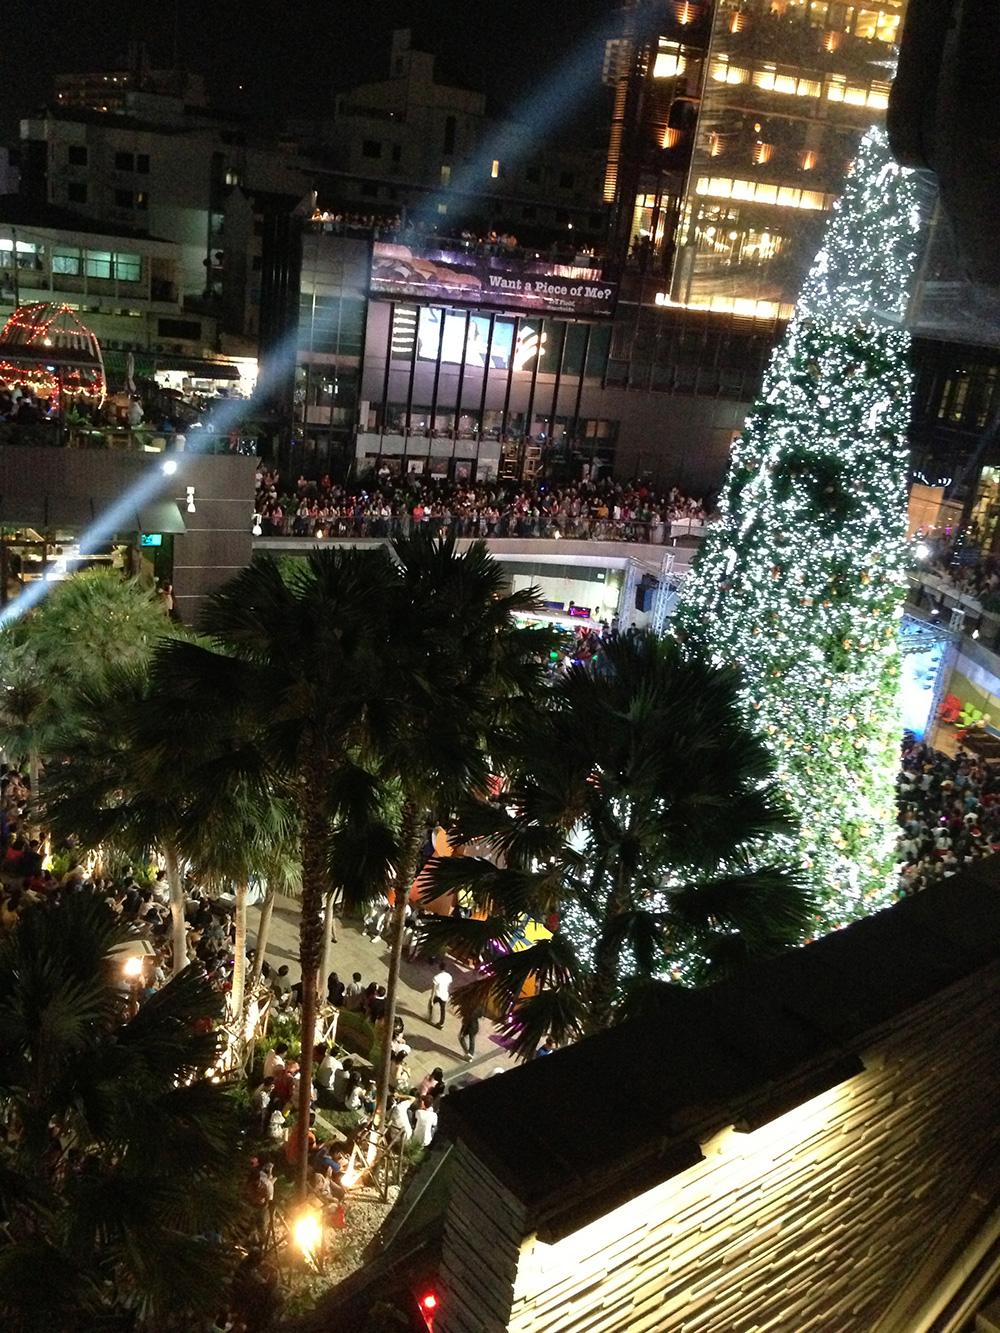 толпы народу в Новый год - еще один бесплатный вариант посмотреть салют - остаться на площадке у централ фестиваля